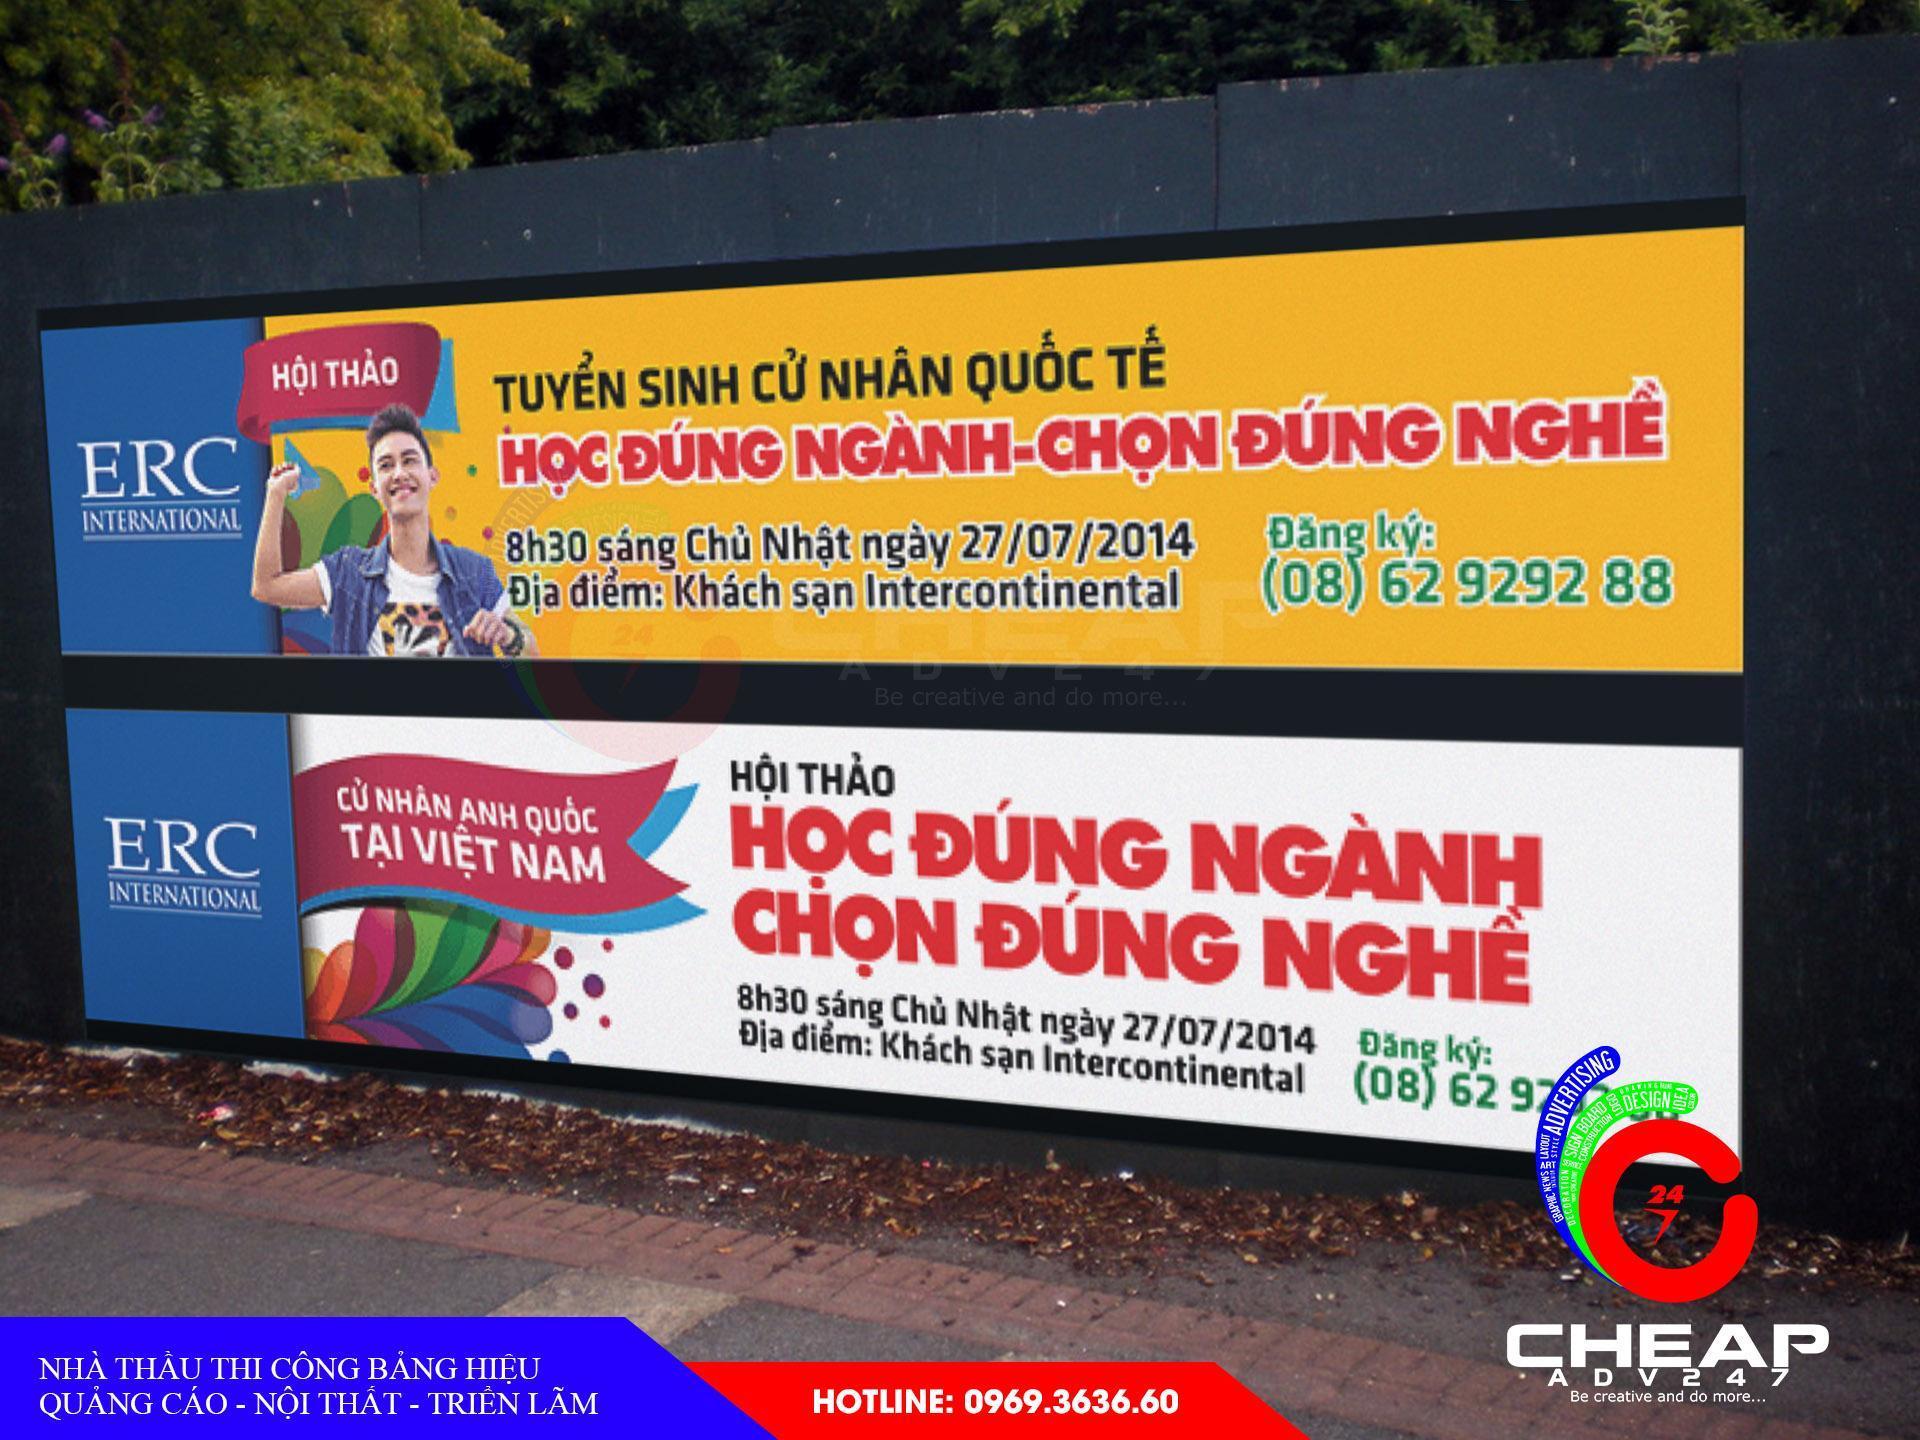 Mẫu băng rôn quảng cáo đẹp tại cheapadv247 - ảnh 5